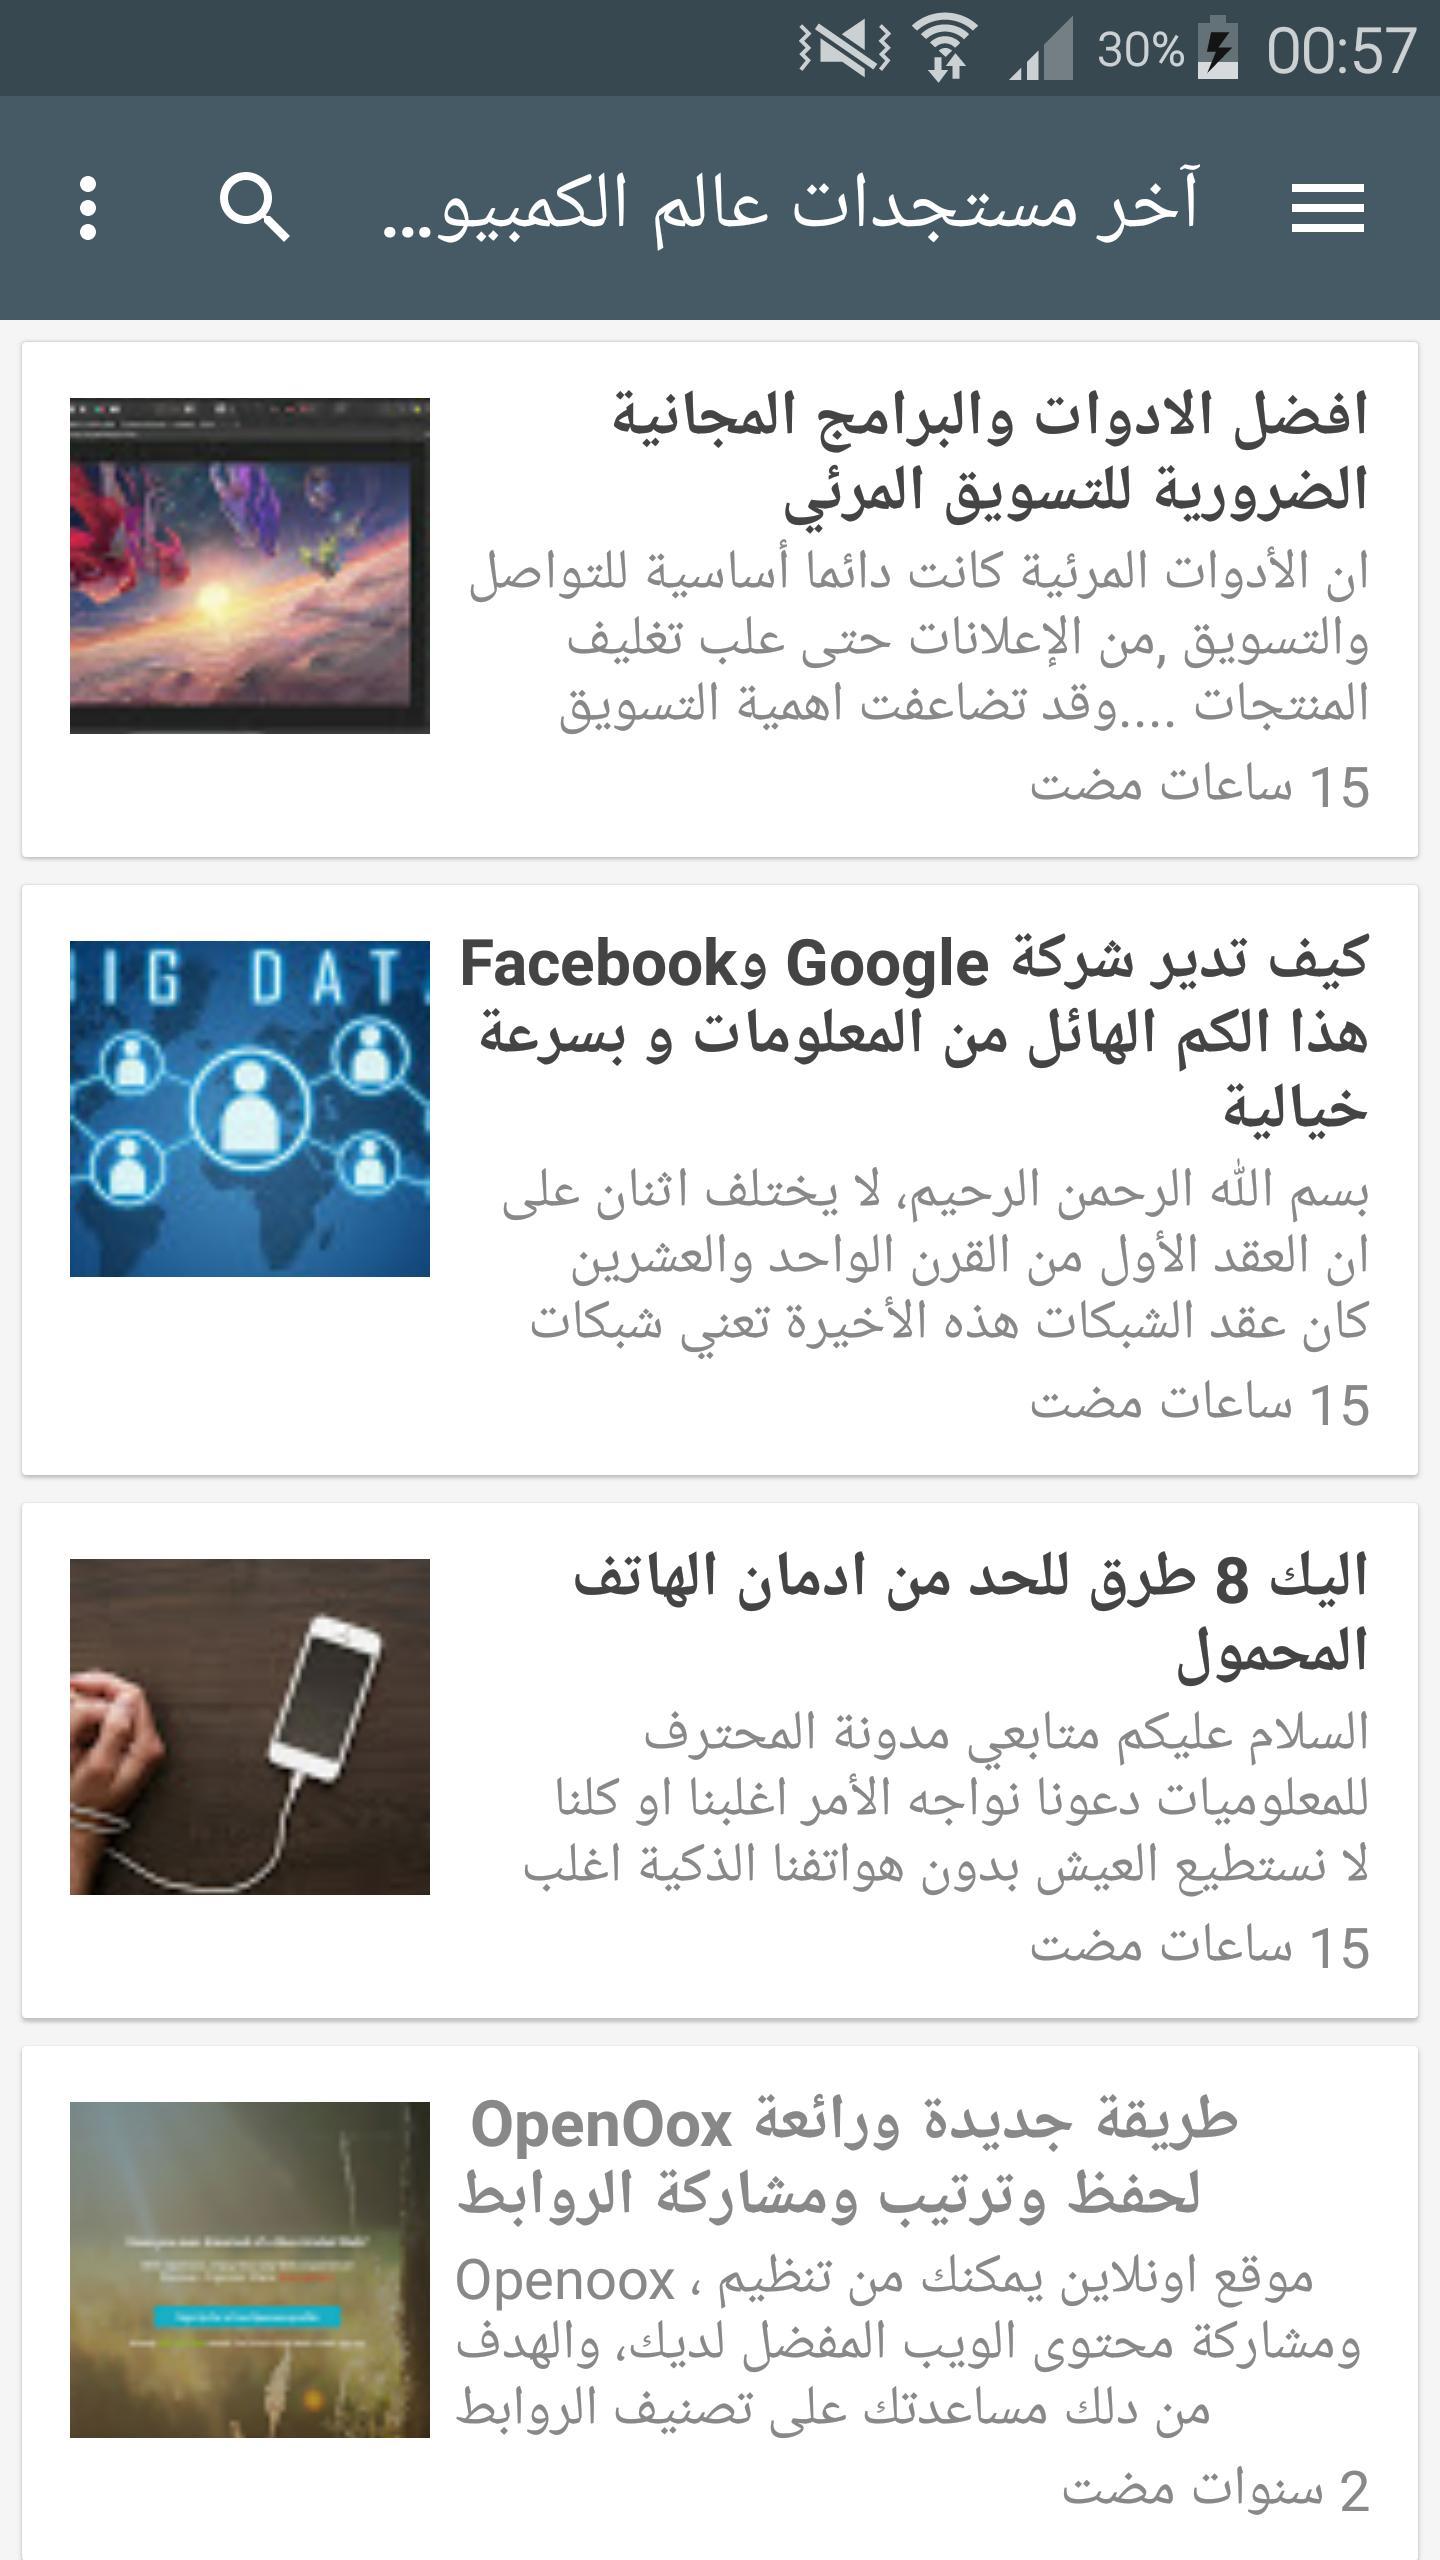 8b89a8f56 إحترف عالم الكمبيوتر بسهولة poster إحترف عالم الكمبيوتر بسهولة screenshot 1